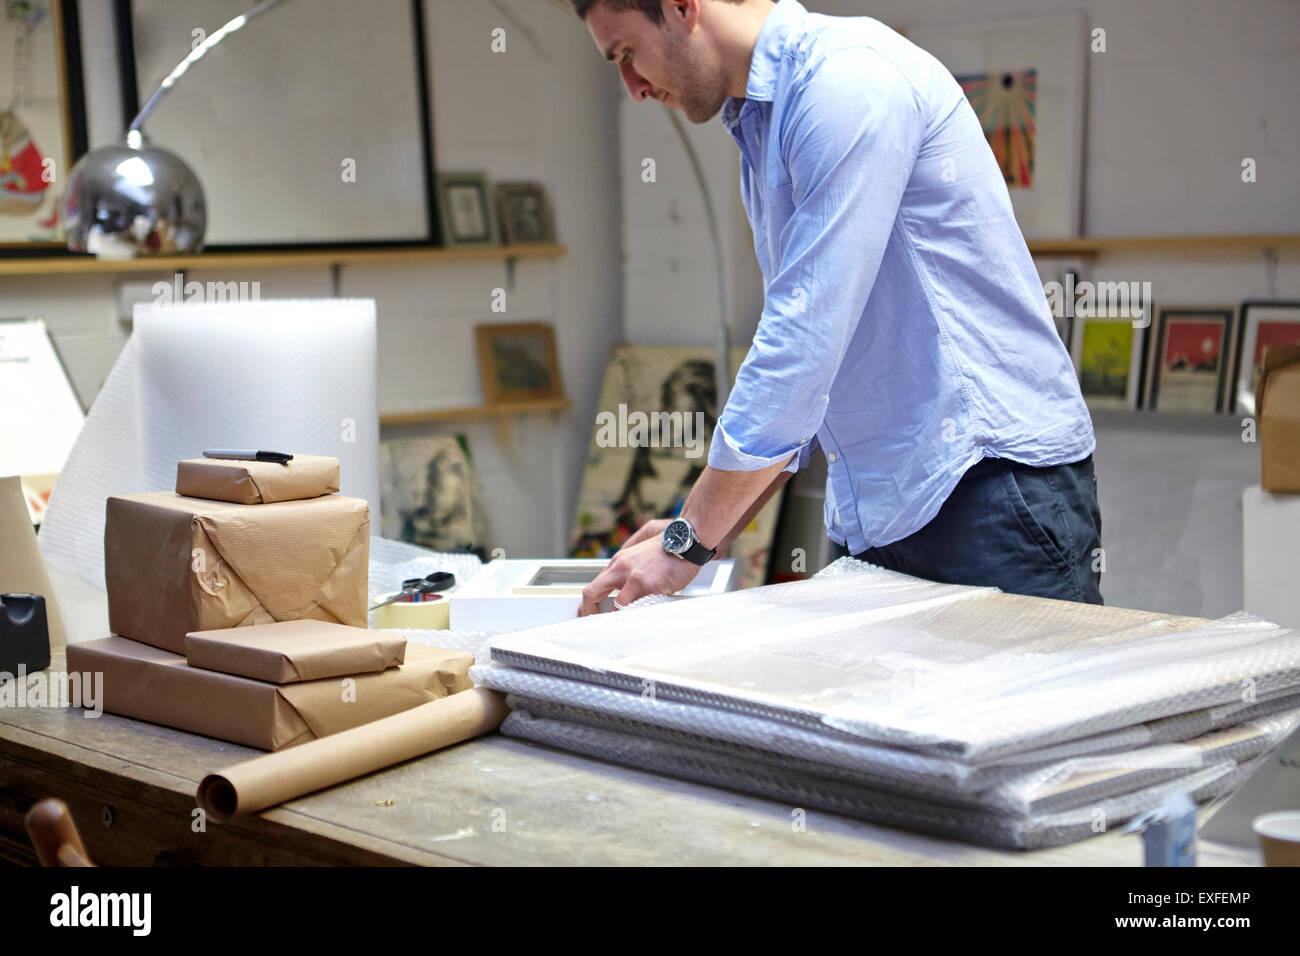 Uomo telai di incarto in Bubble Wrap su tavola in picture corniciai workshop Immagini Stock